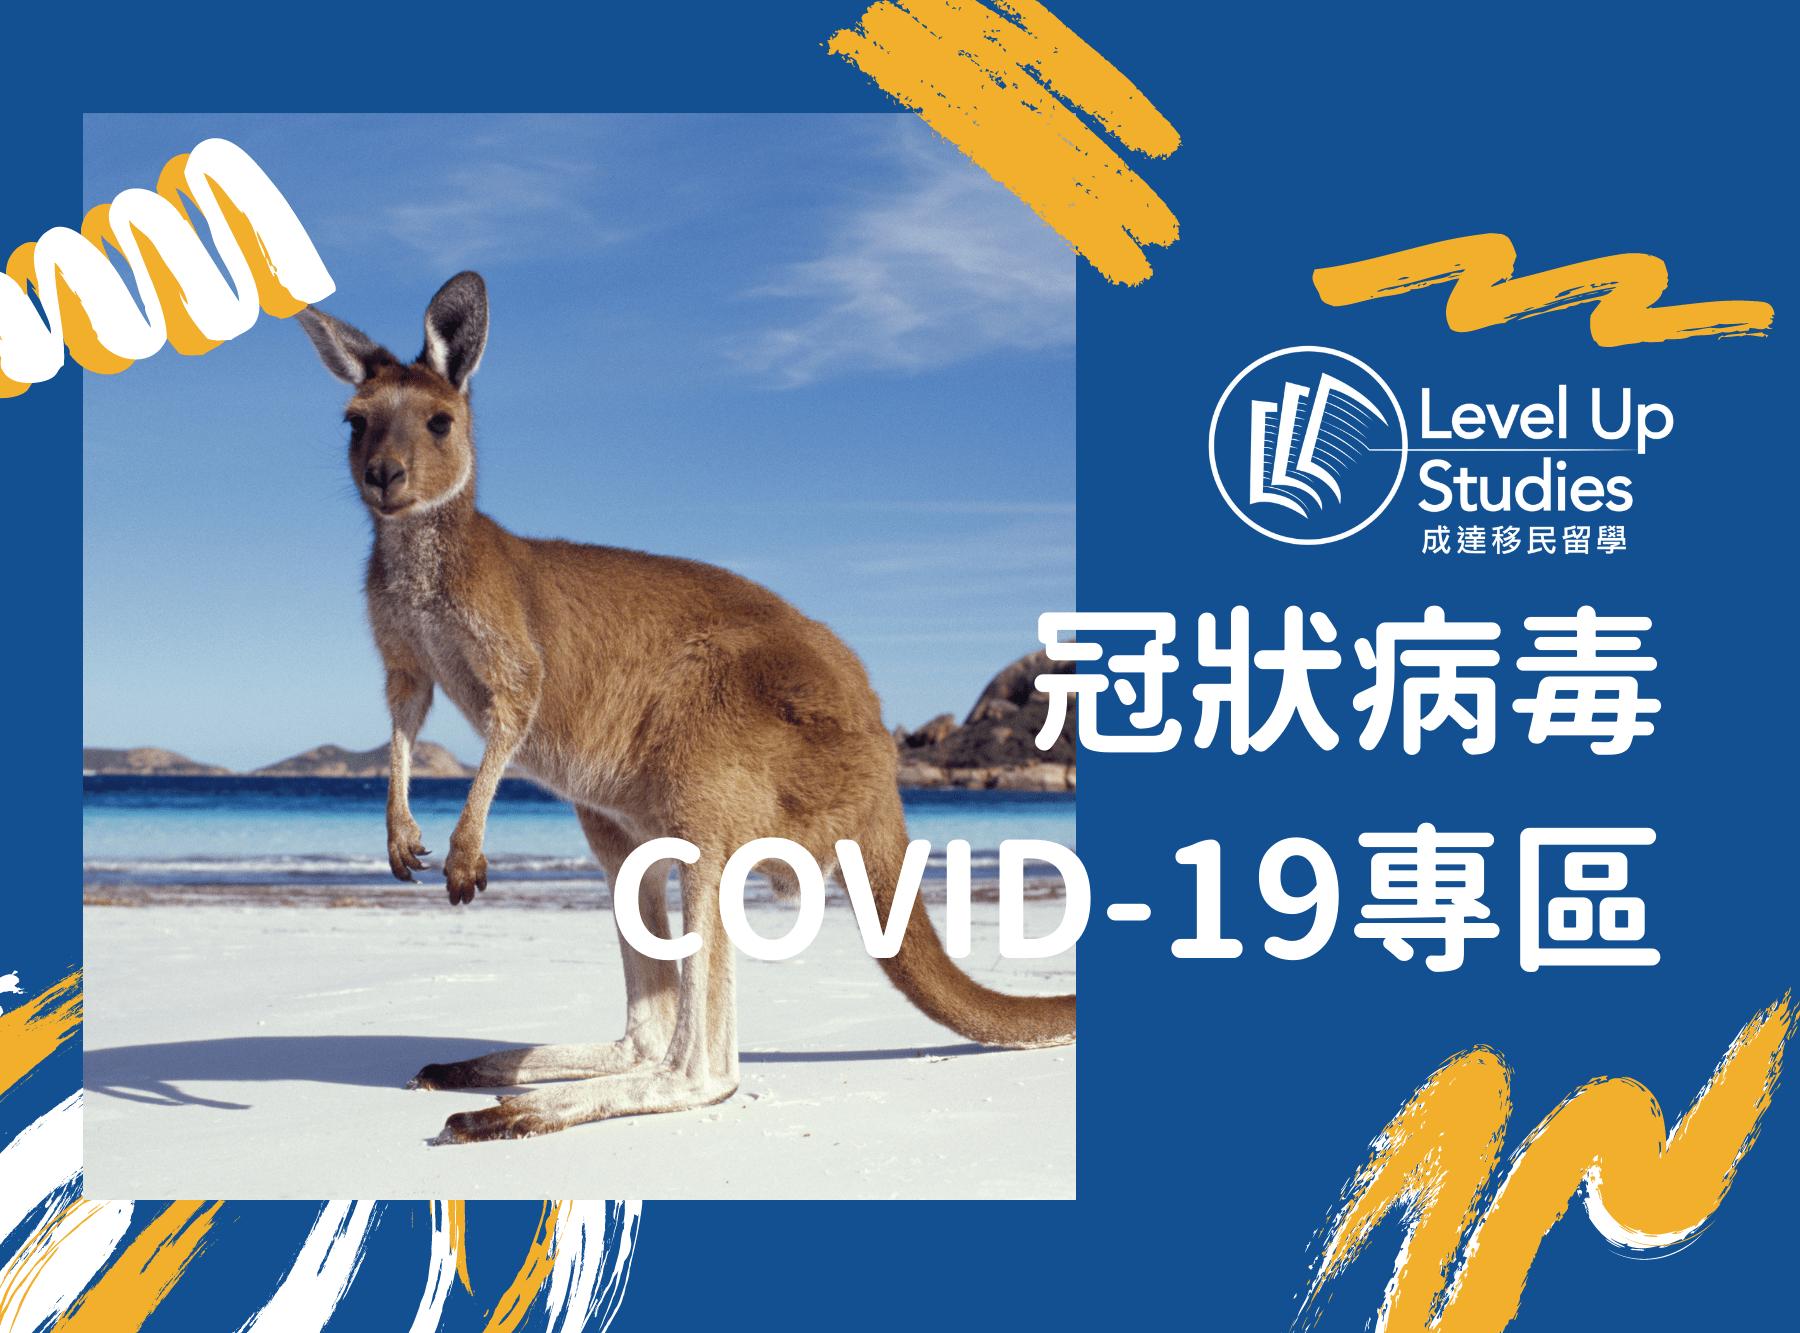 澳洲冠狀病毒covid19專區